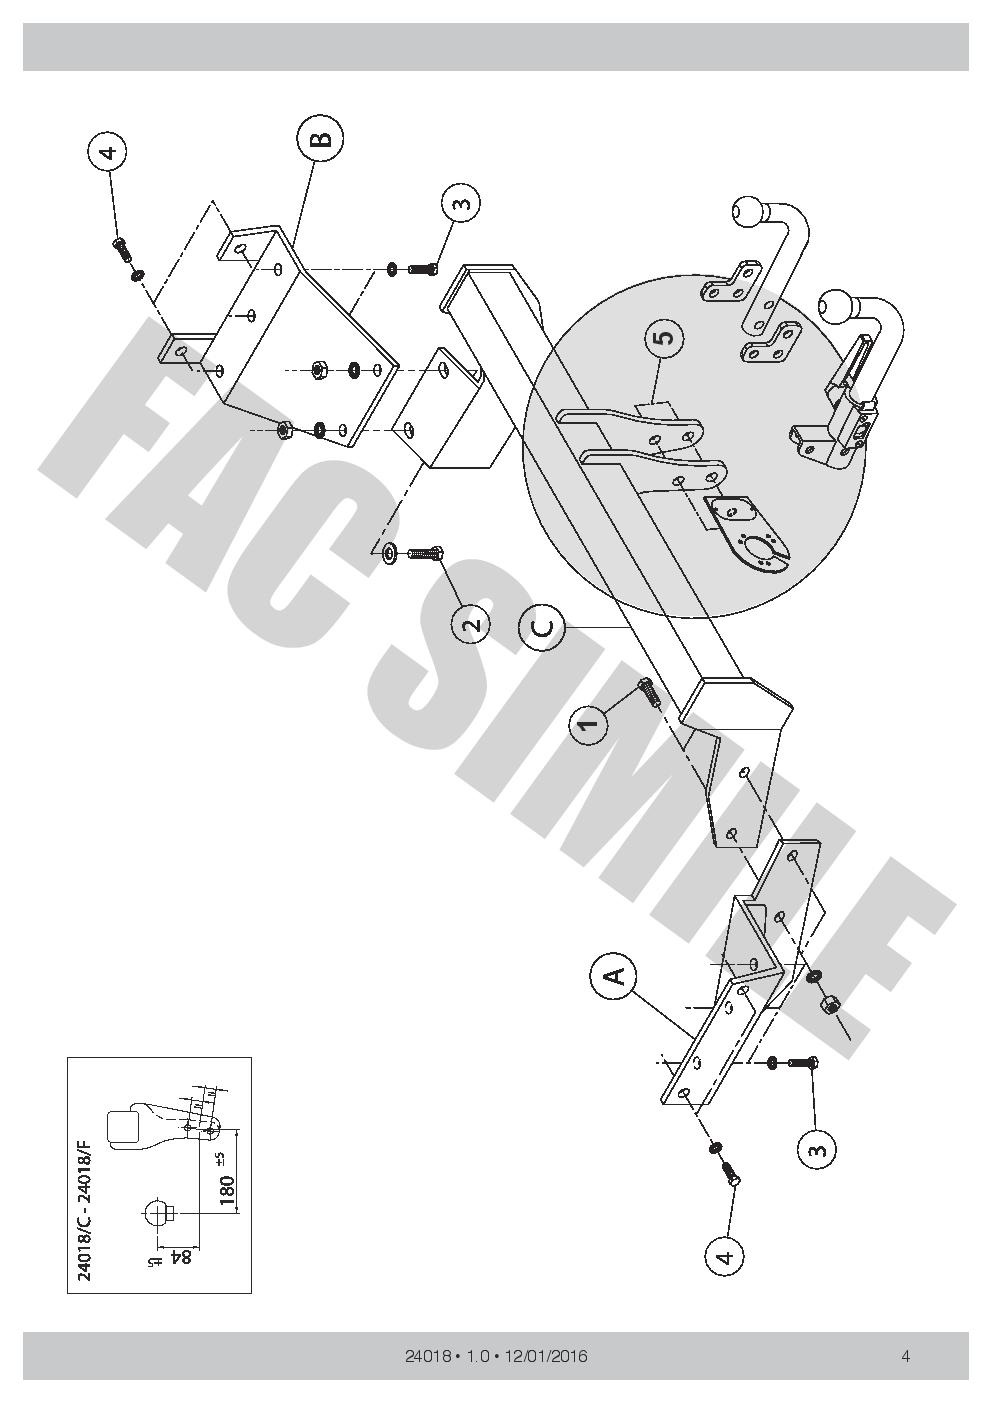 citroen c4 towbar wiring instructions